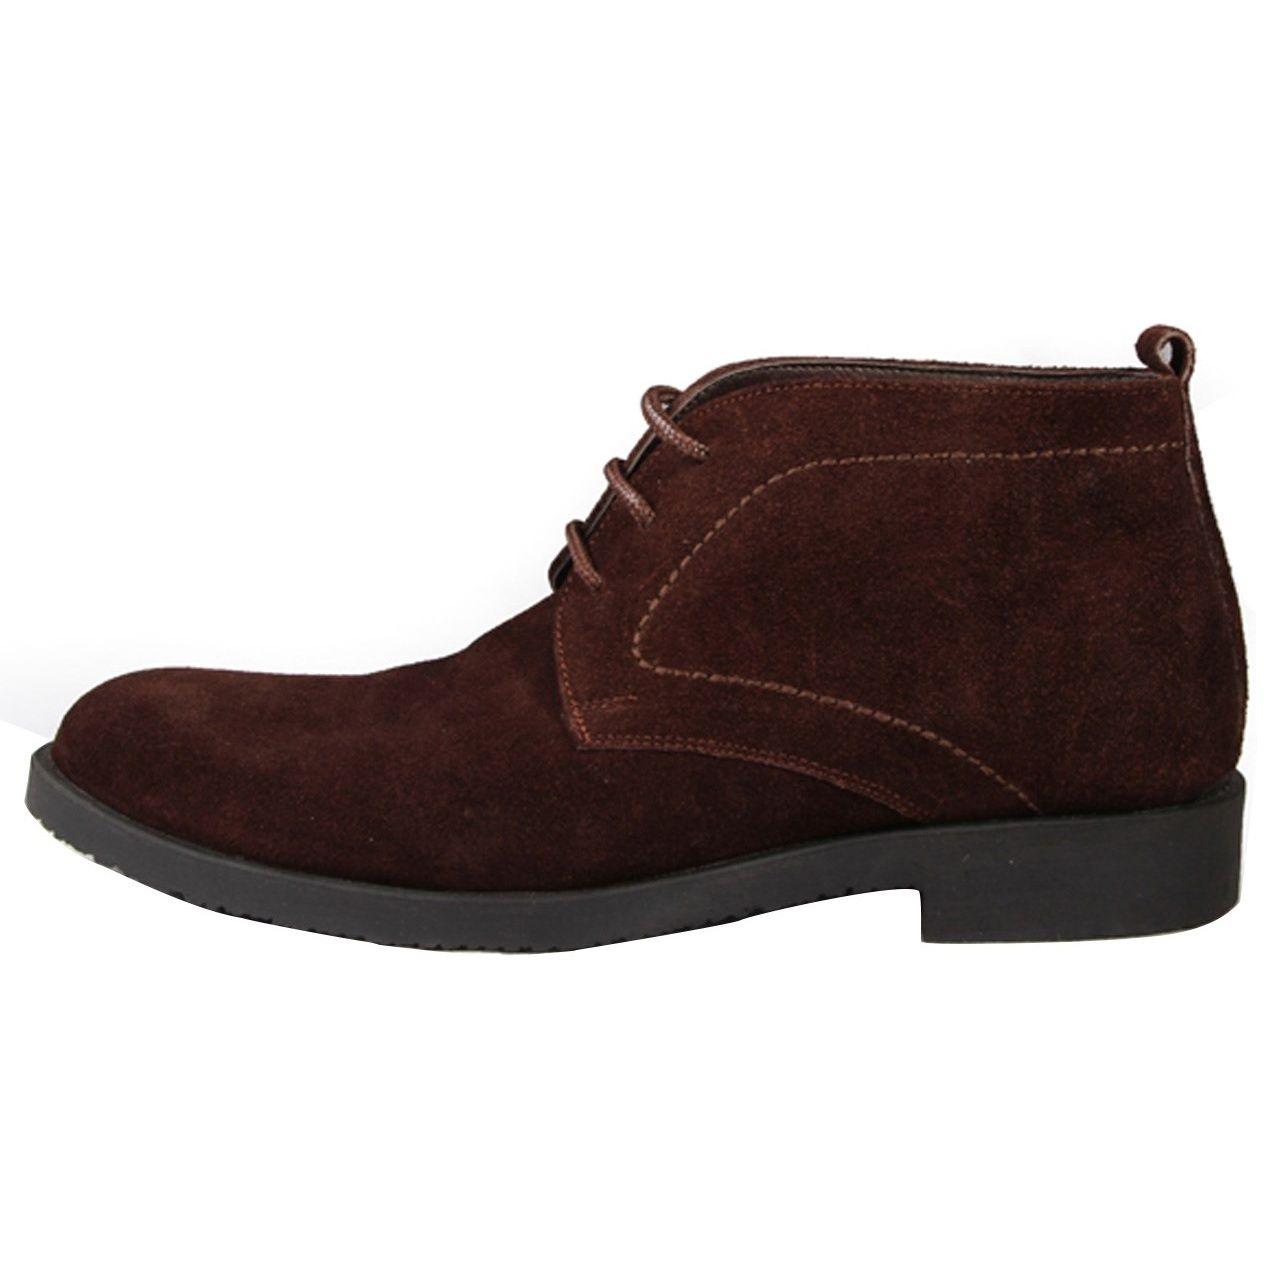 کفش مردانه شهرچرم مدل 86-39189 -  - 1